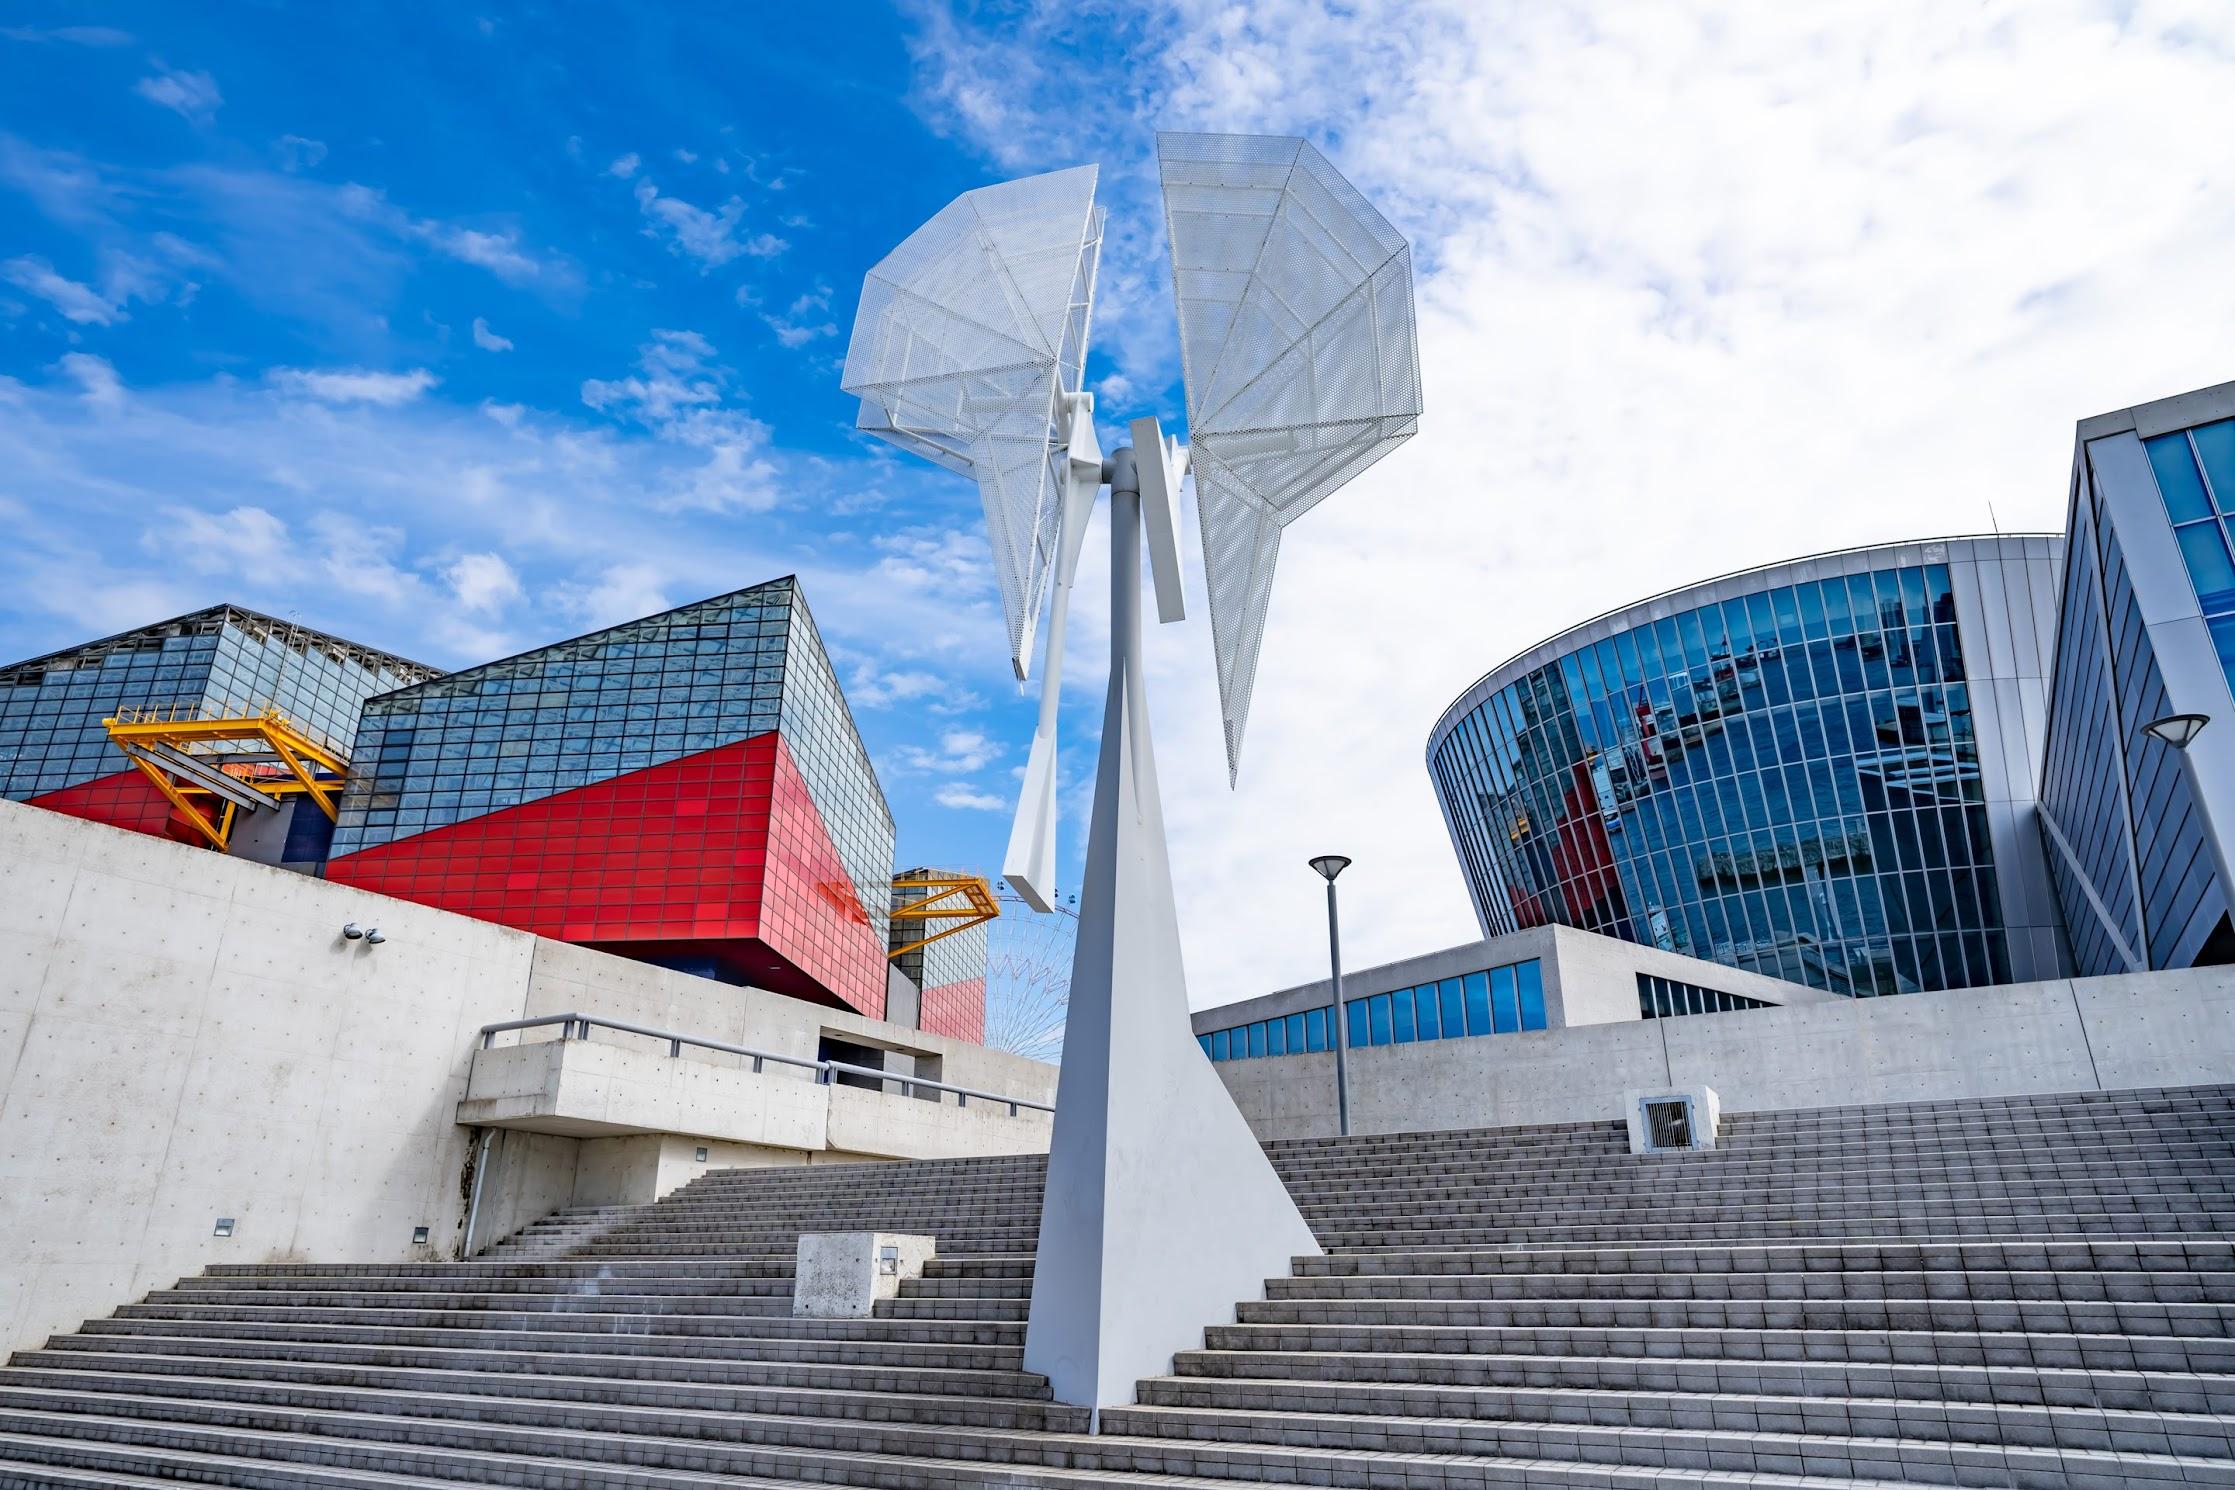 大阪旅行 その16 世界最大級の水族館 海遊館   KOSUBLOG